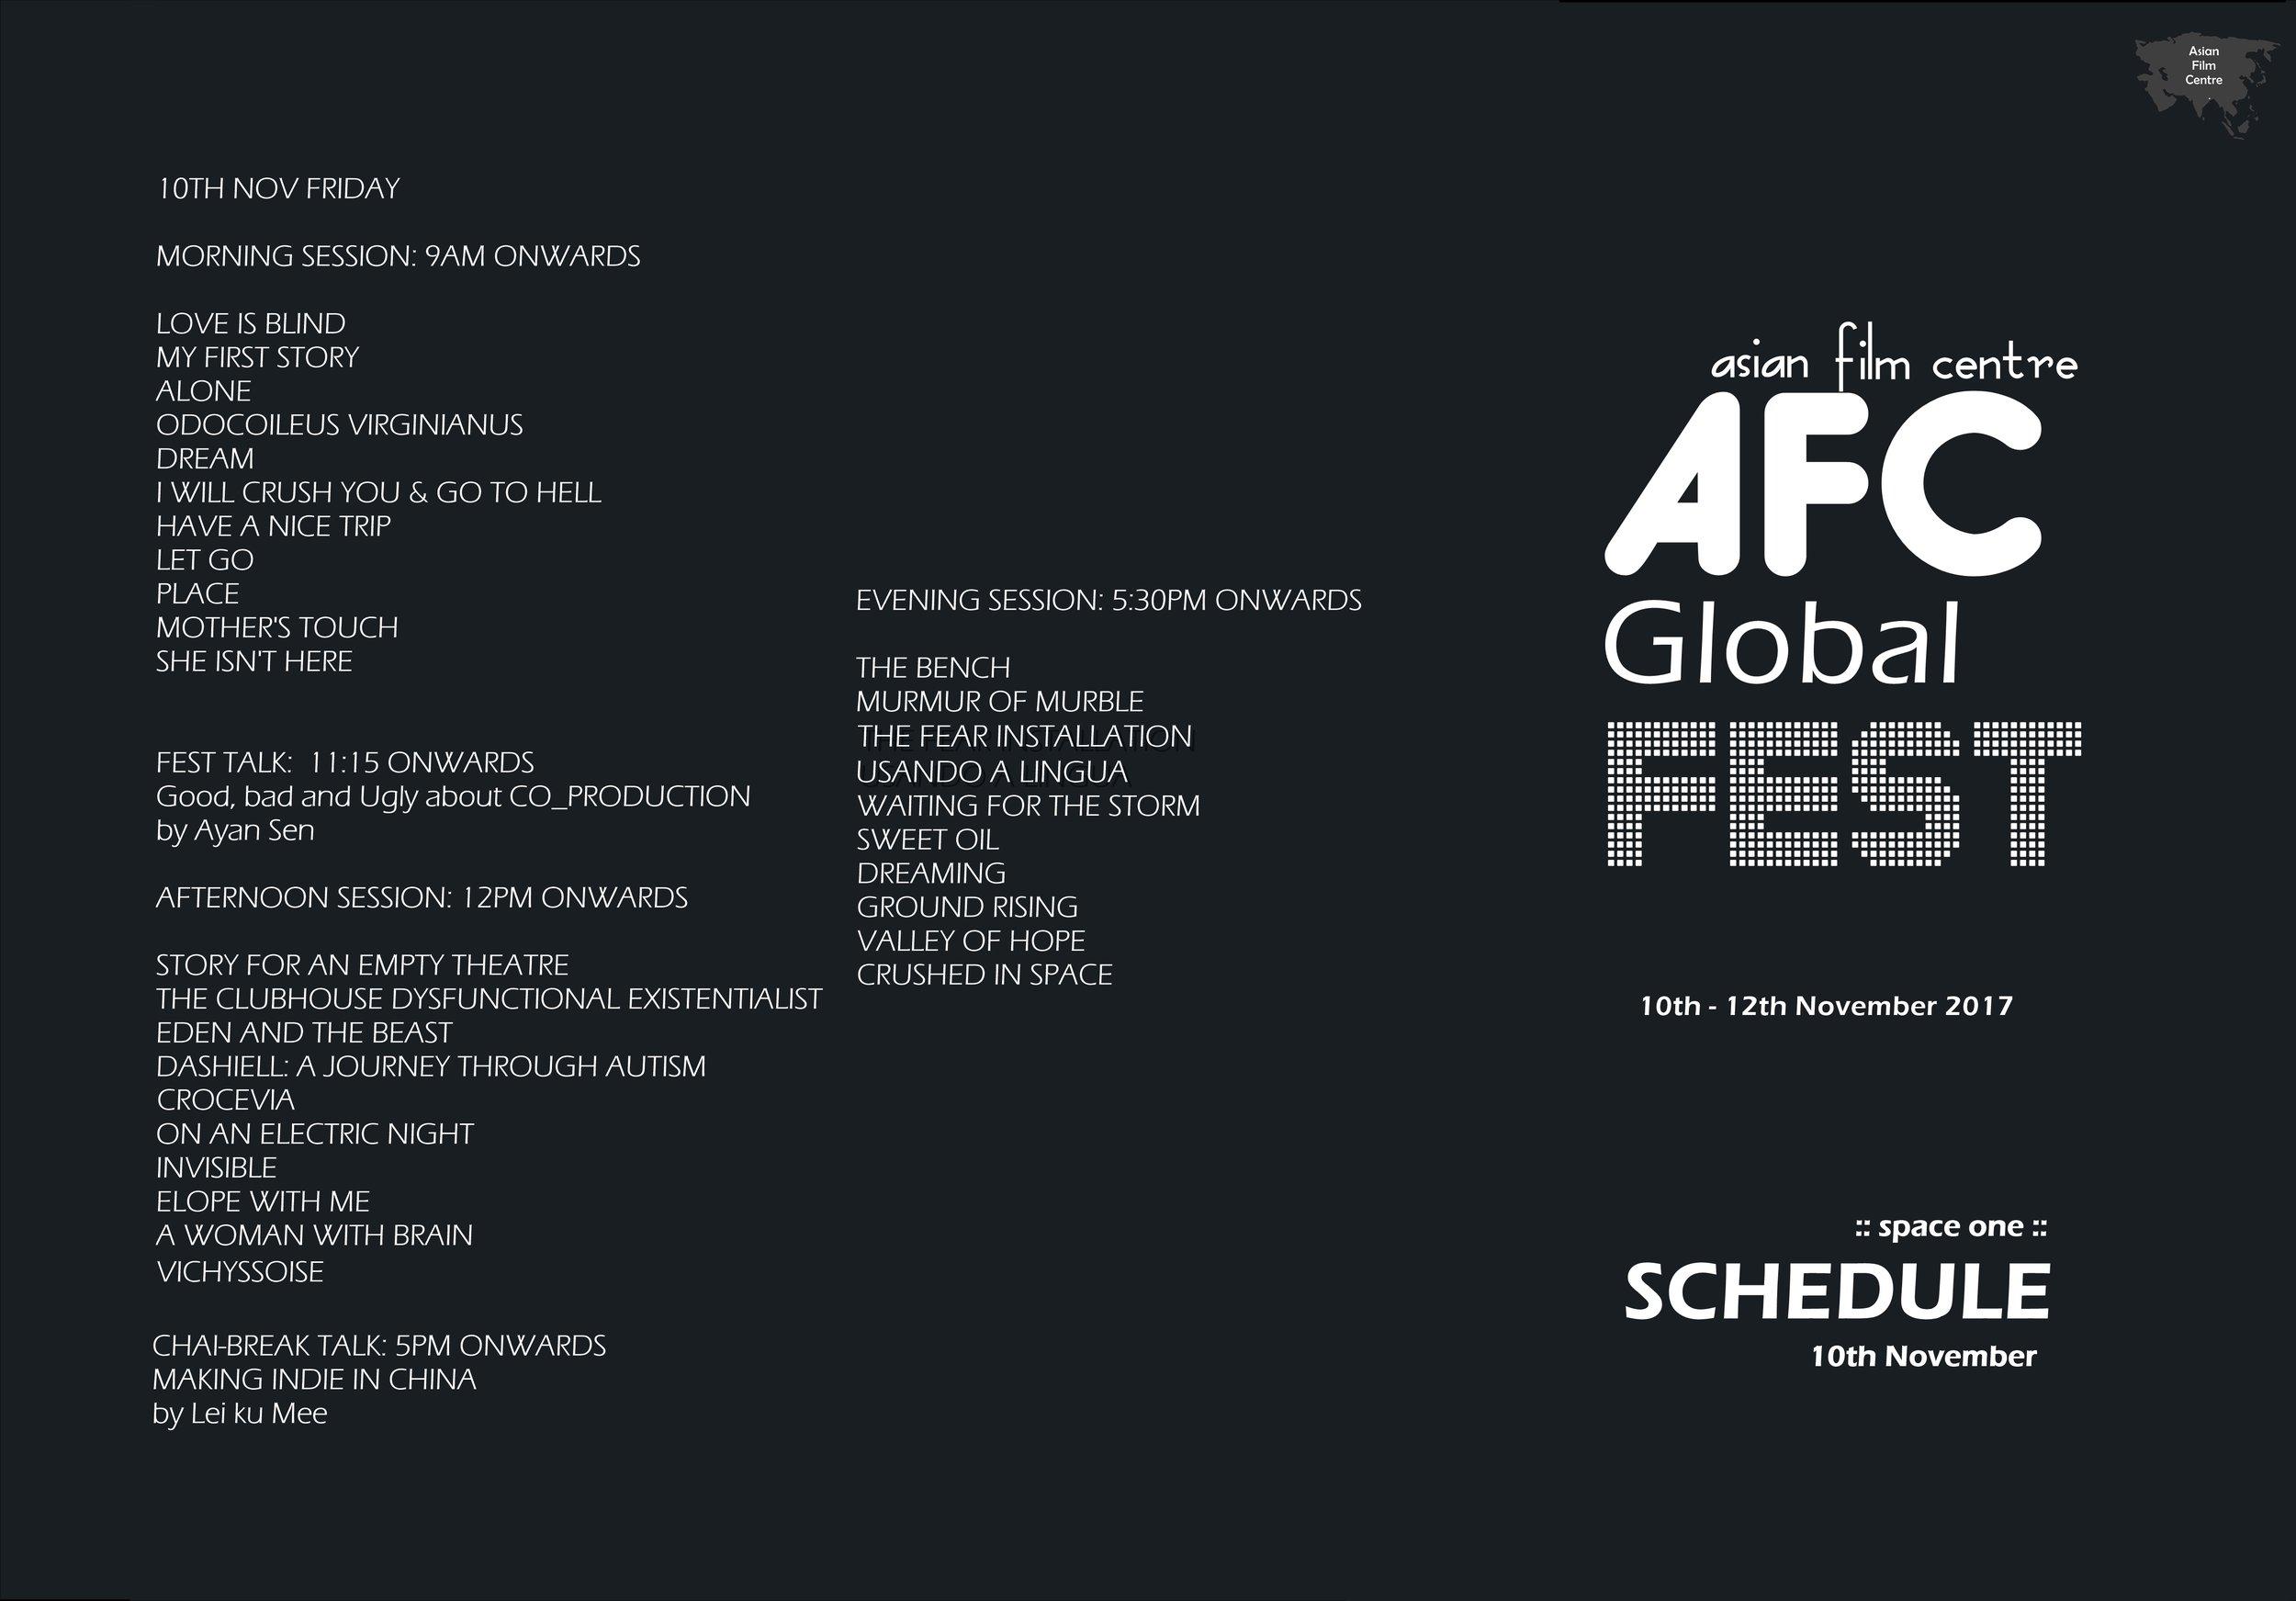 AFC-Global-Fest-SChedule-10th-Nov_ONE-3.jpg